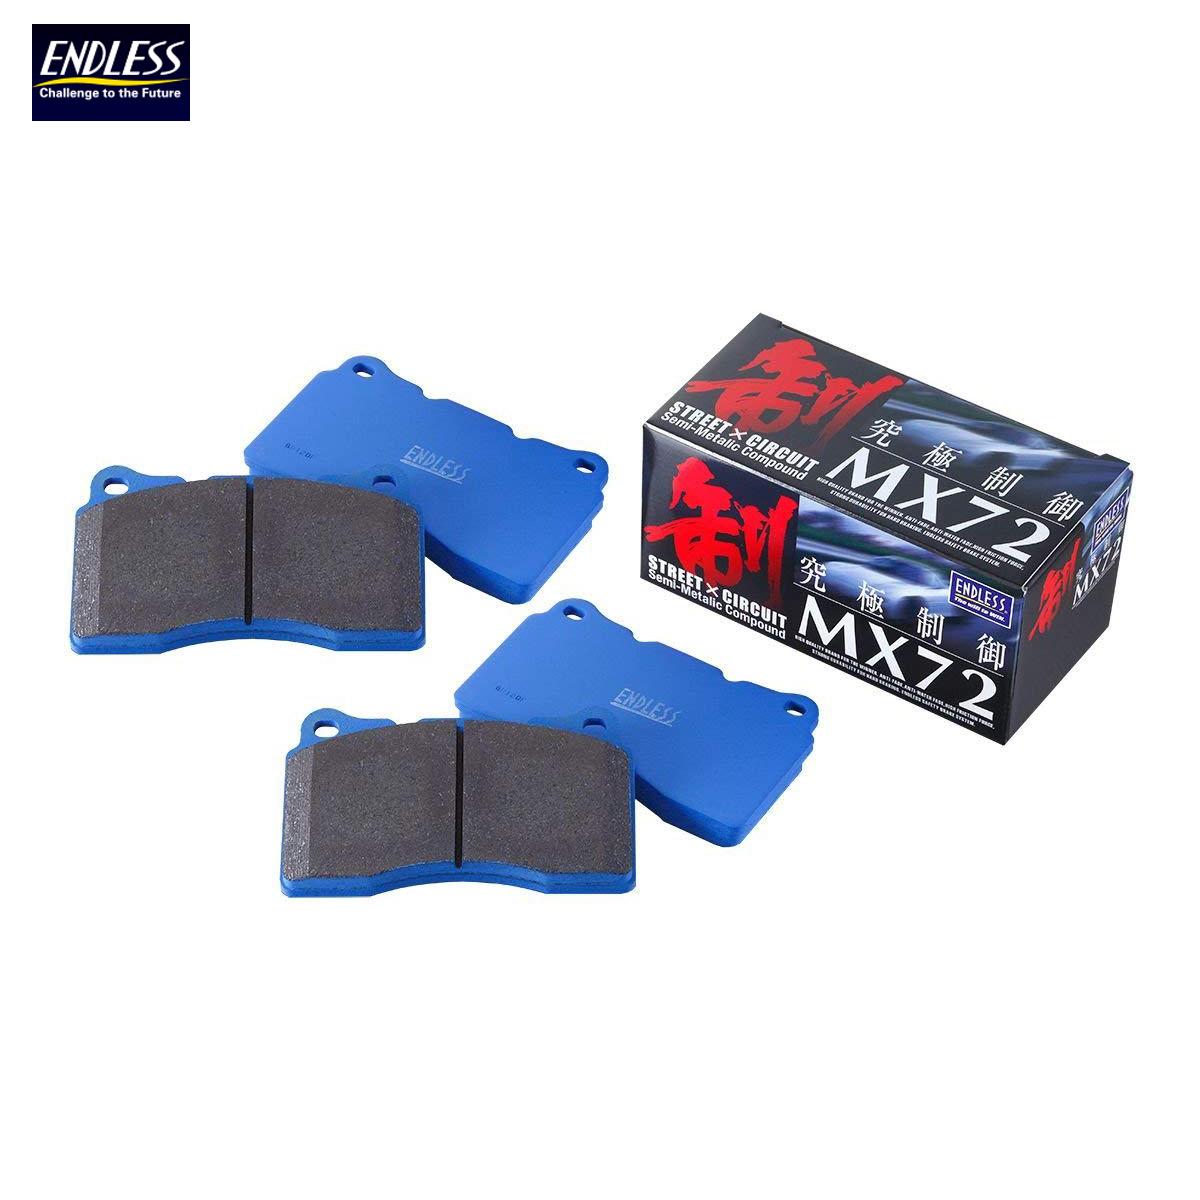 ENDLESS エンドレス ブレーキパッド MX72 フロント EP382 イスト NCP60 NCP65 リアドラム